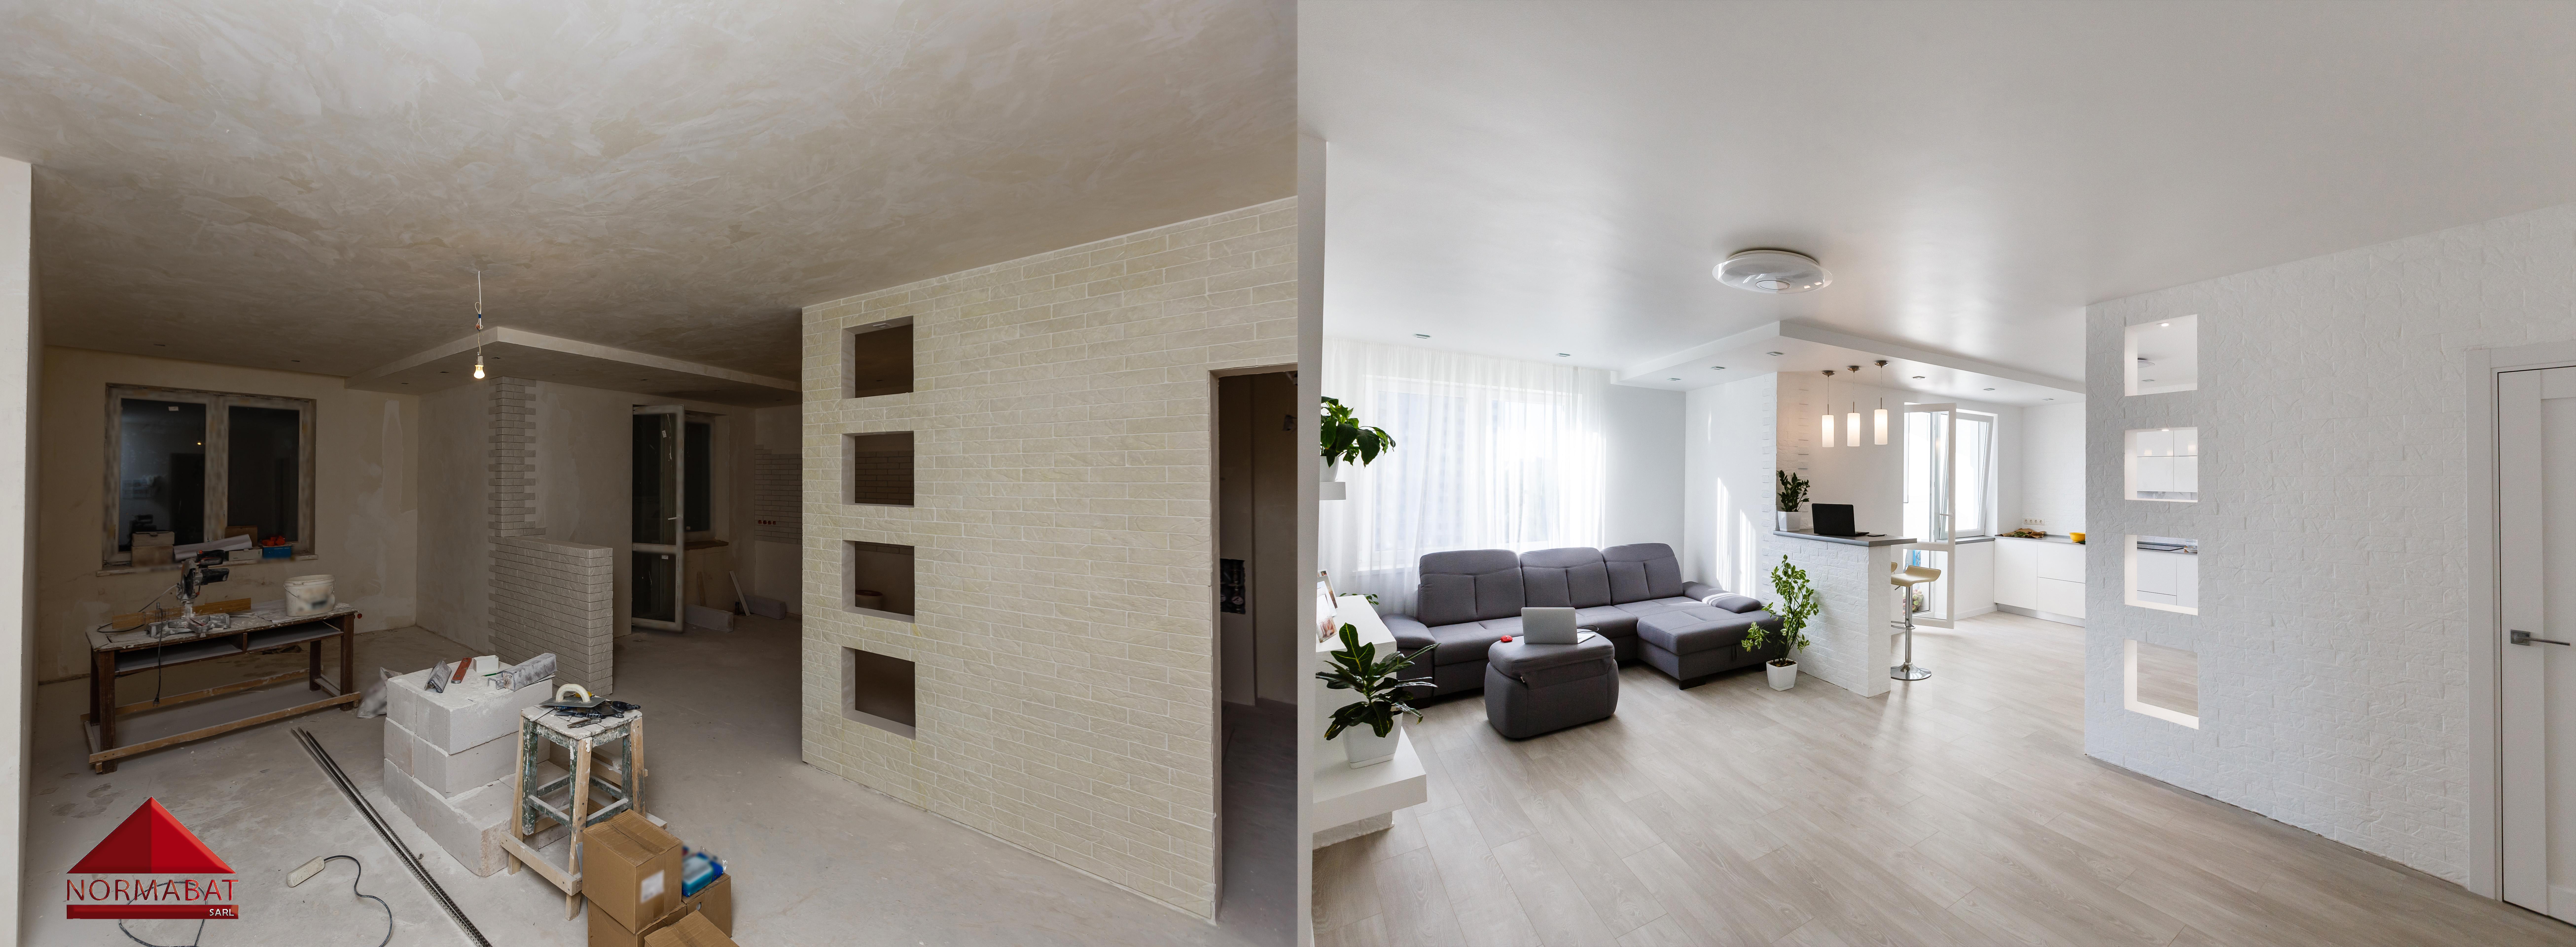 Rénovation maison compiègne